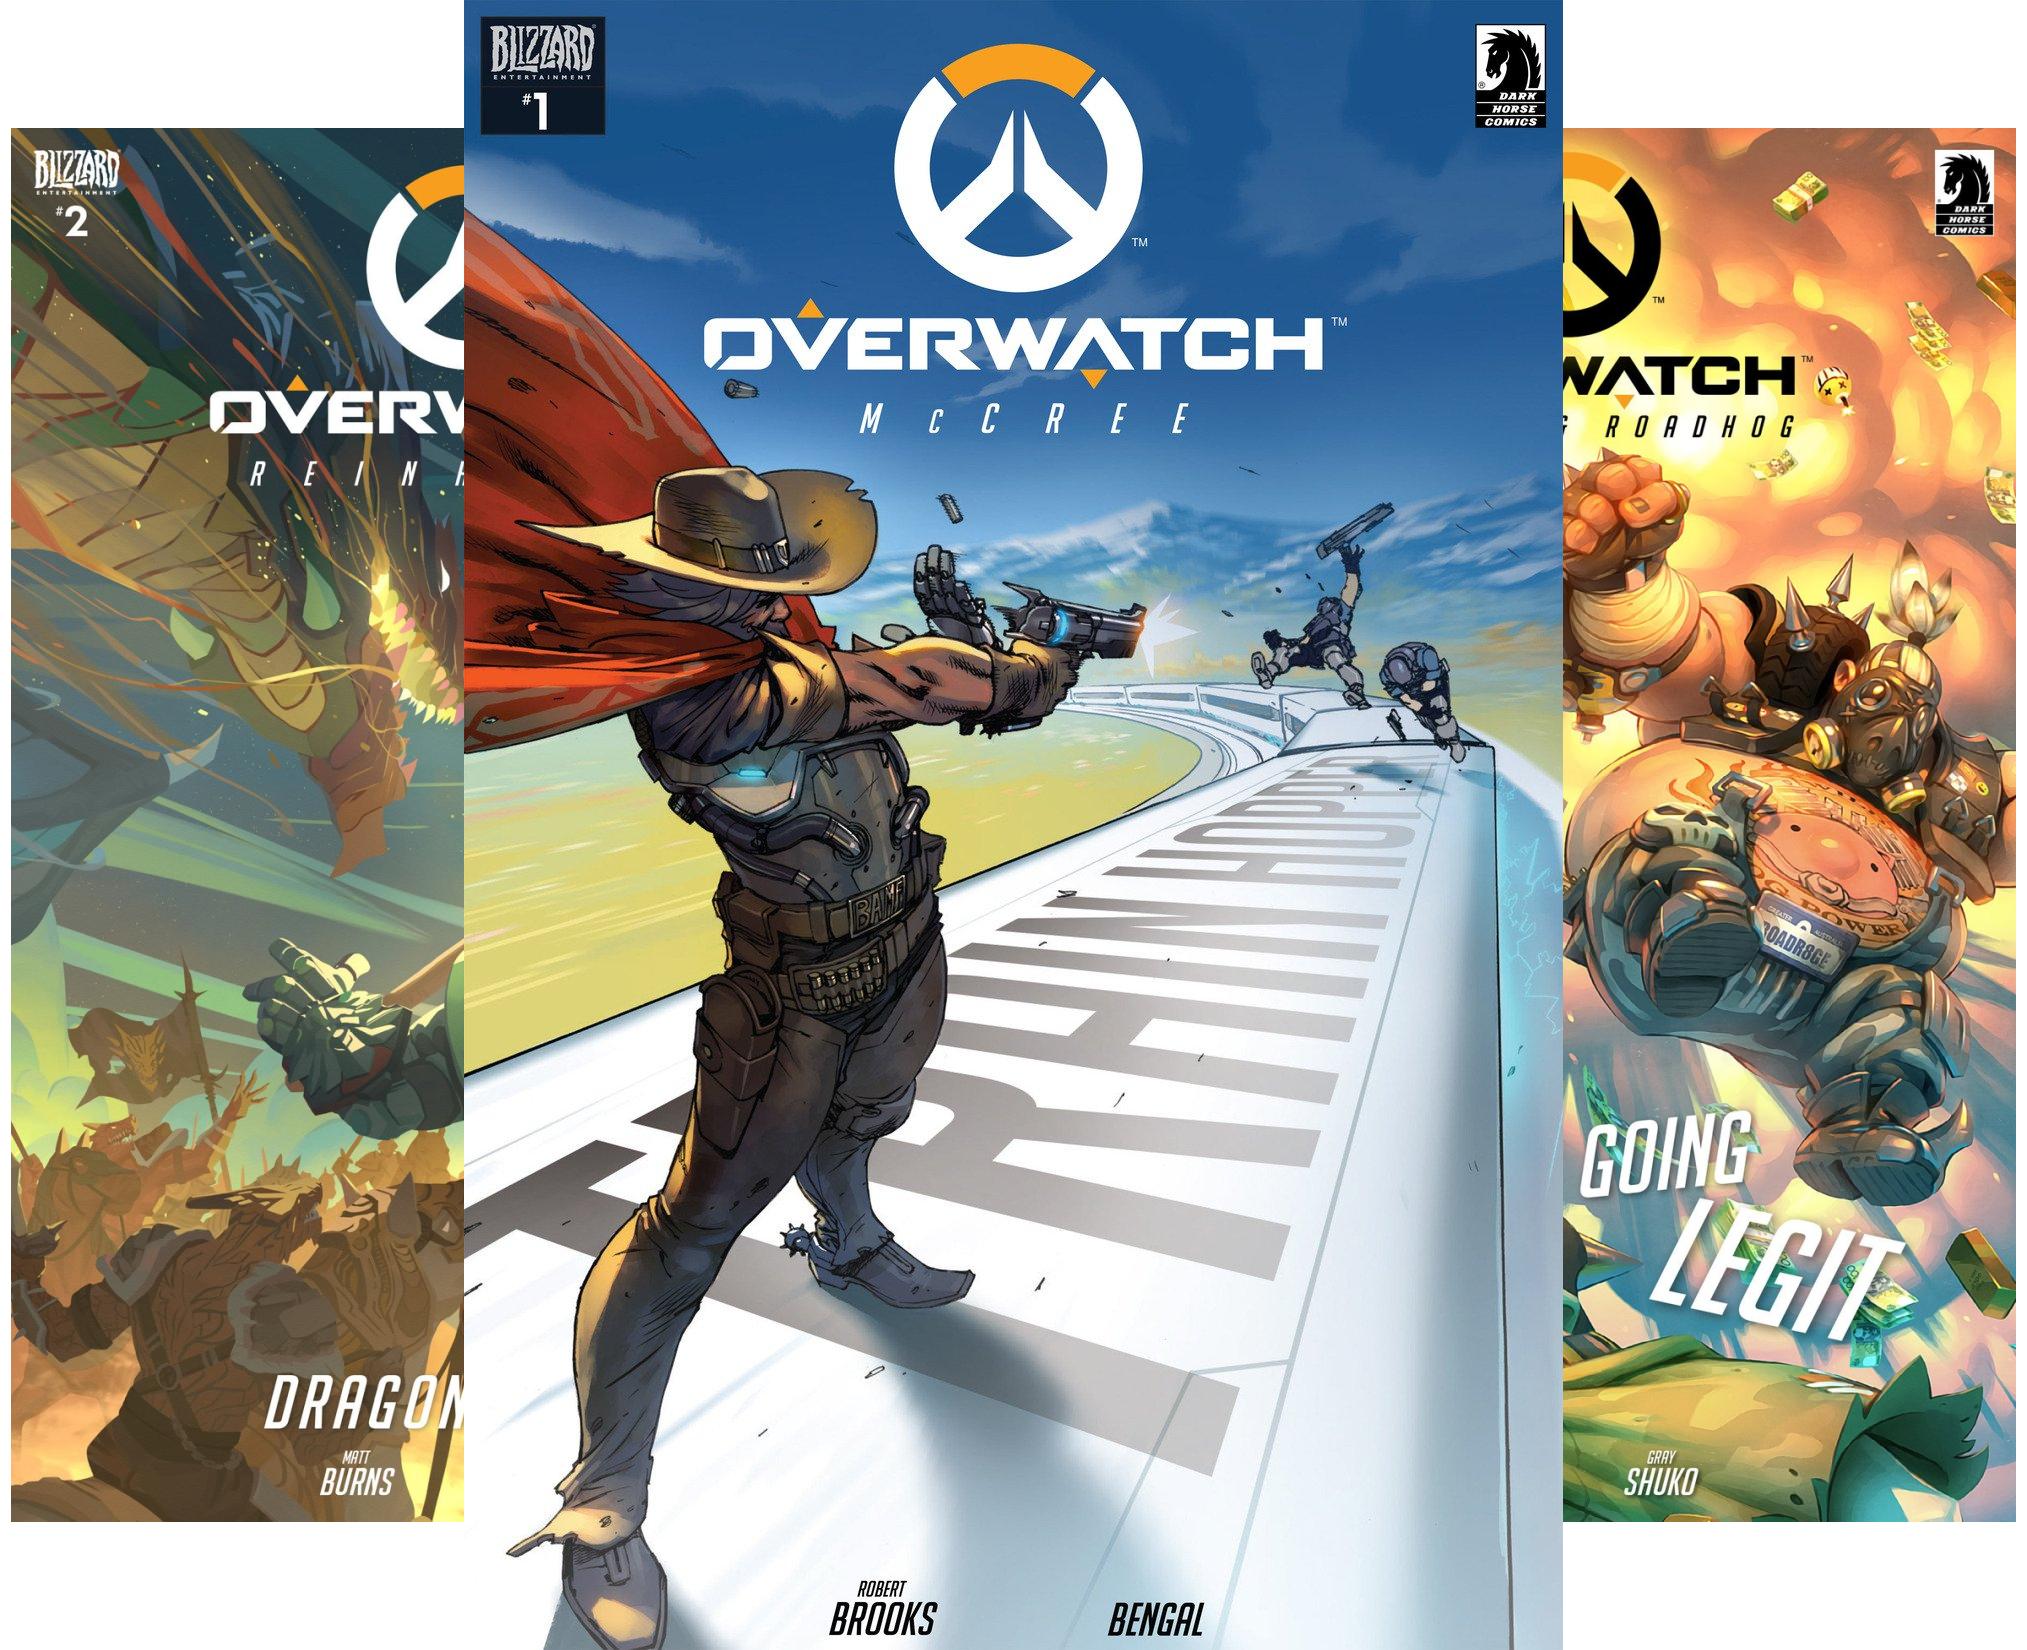 12 Free Overwatch Comics - Amazon (Kindle)